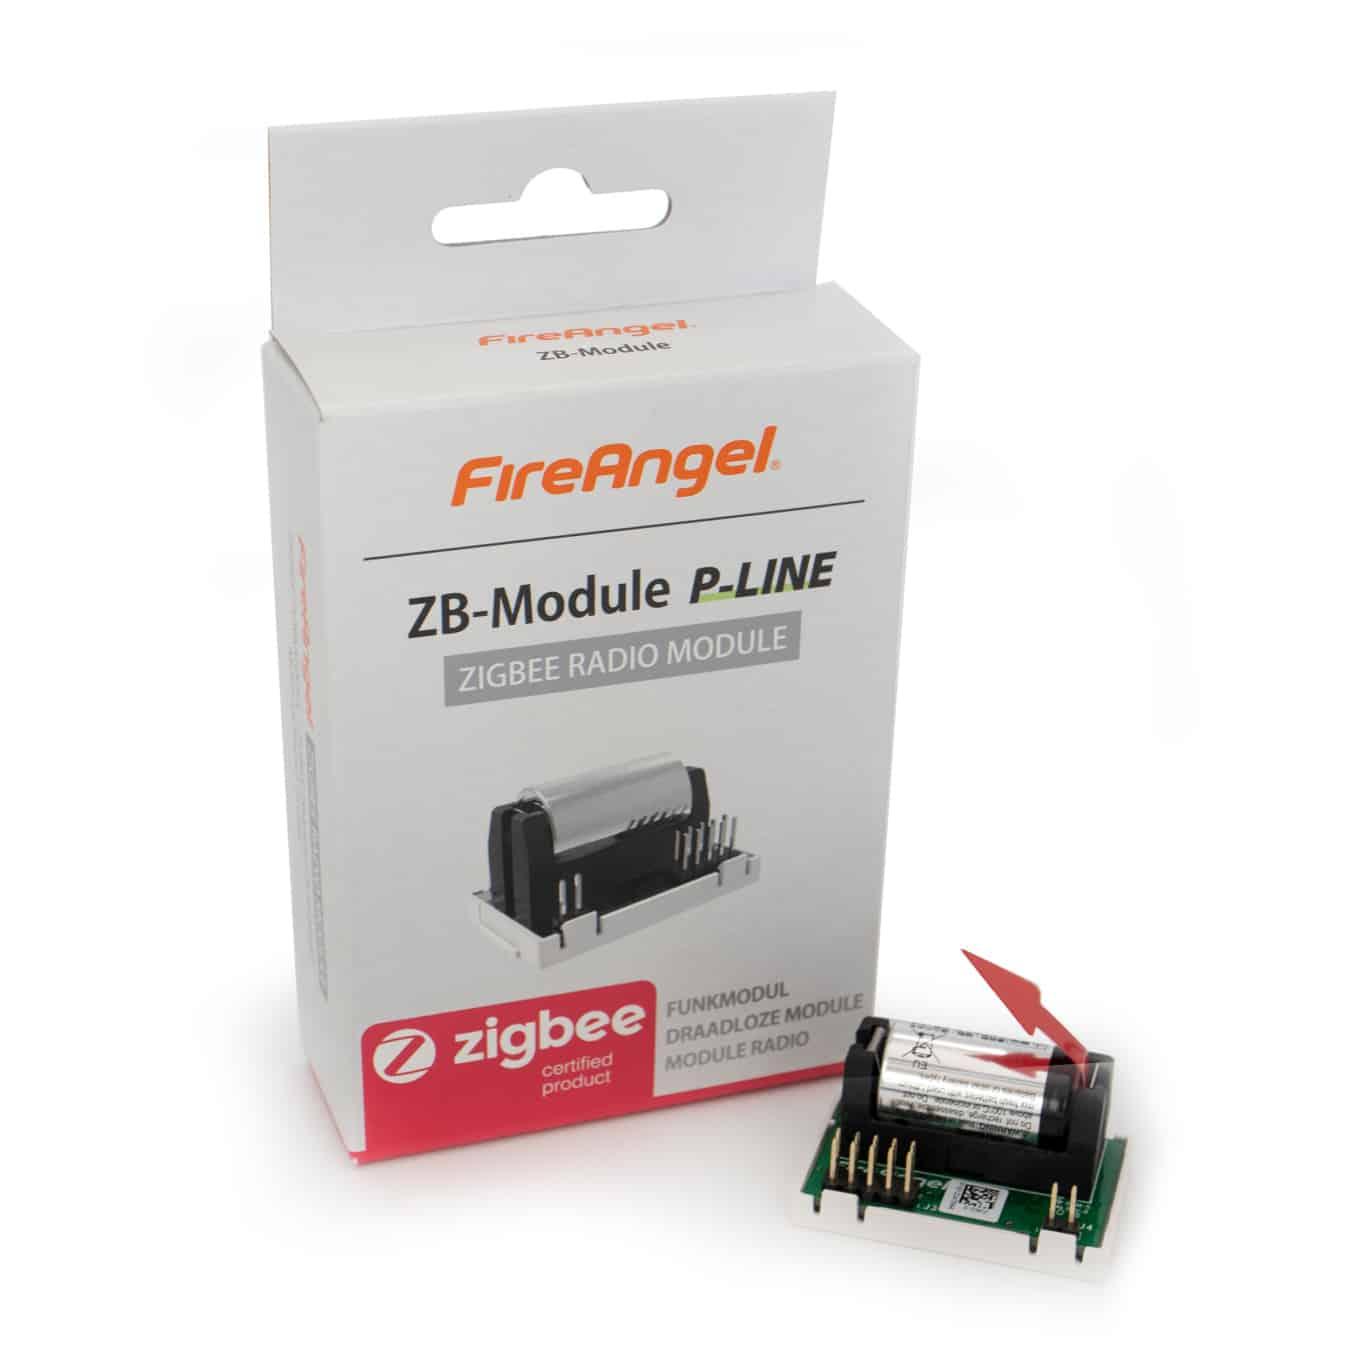 Koop Zigbee ZB-module Fireangel